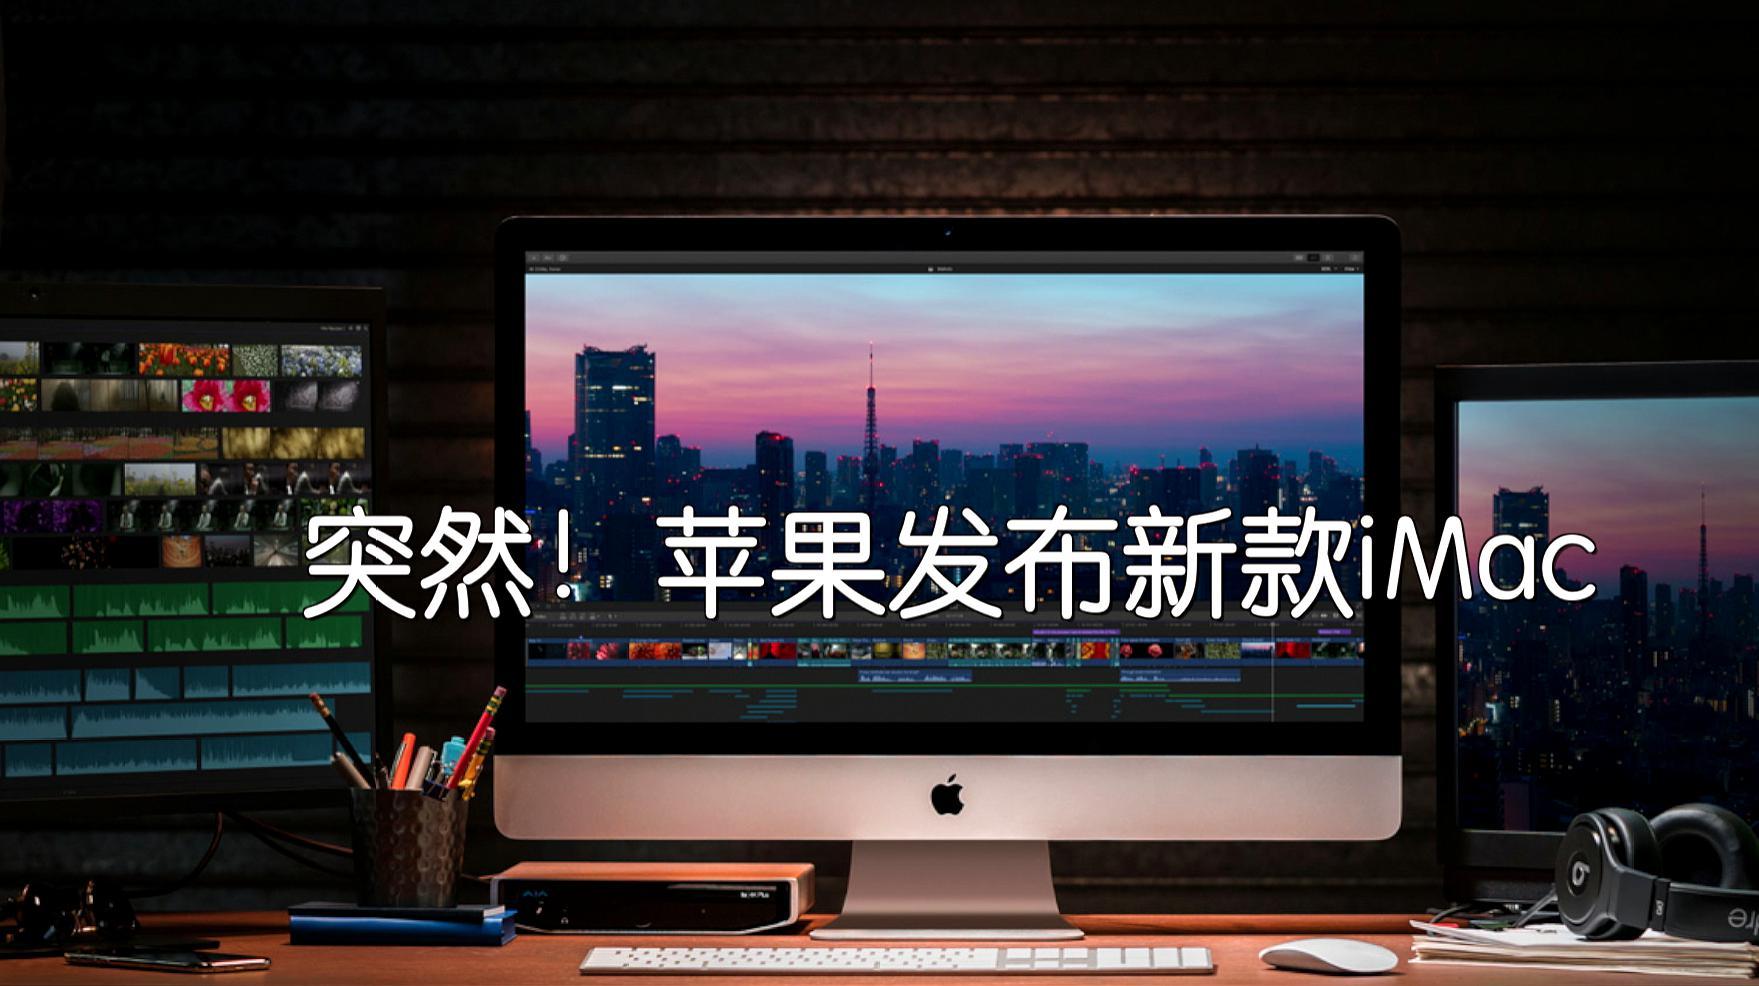 逼近2万!苹果突推新款iMac:9代酷睿+5K屏